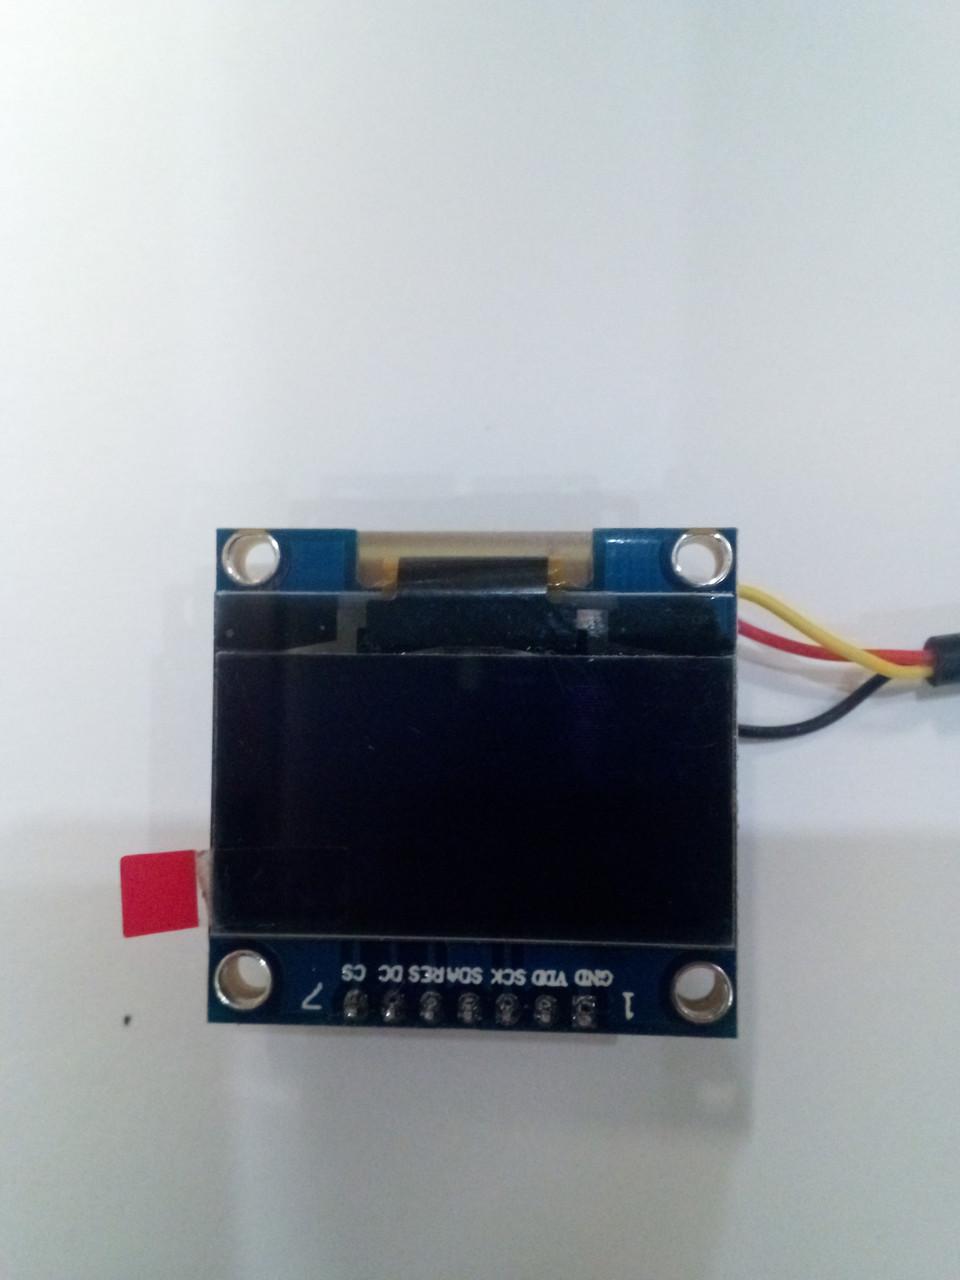 Покажчик рівня палива (бензин, дп, газ) цифровий УУТ-5 - фото 5